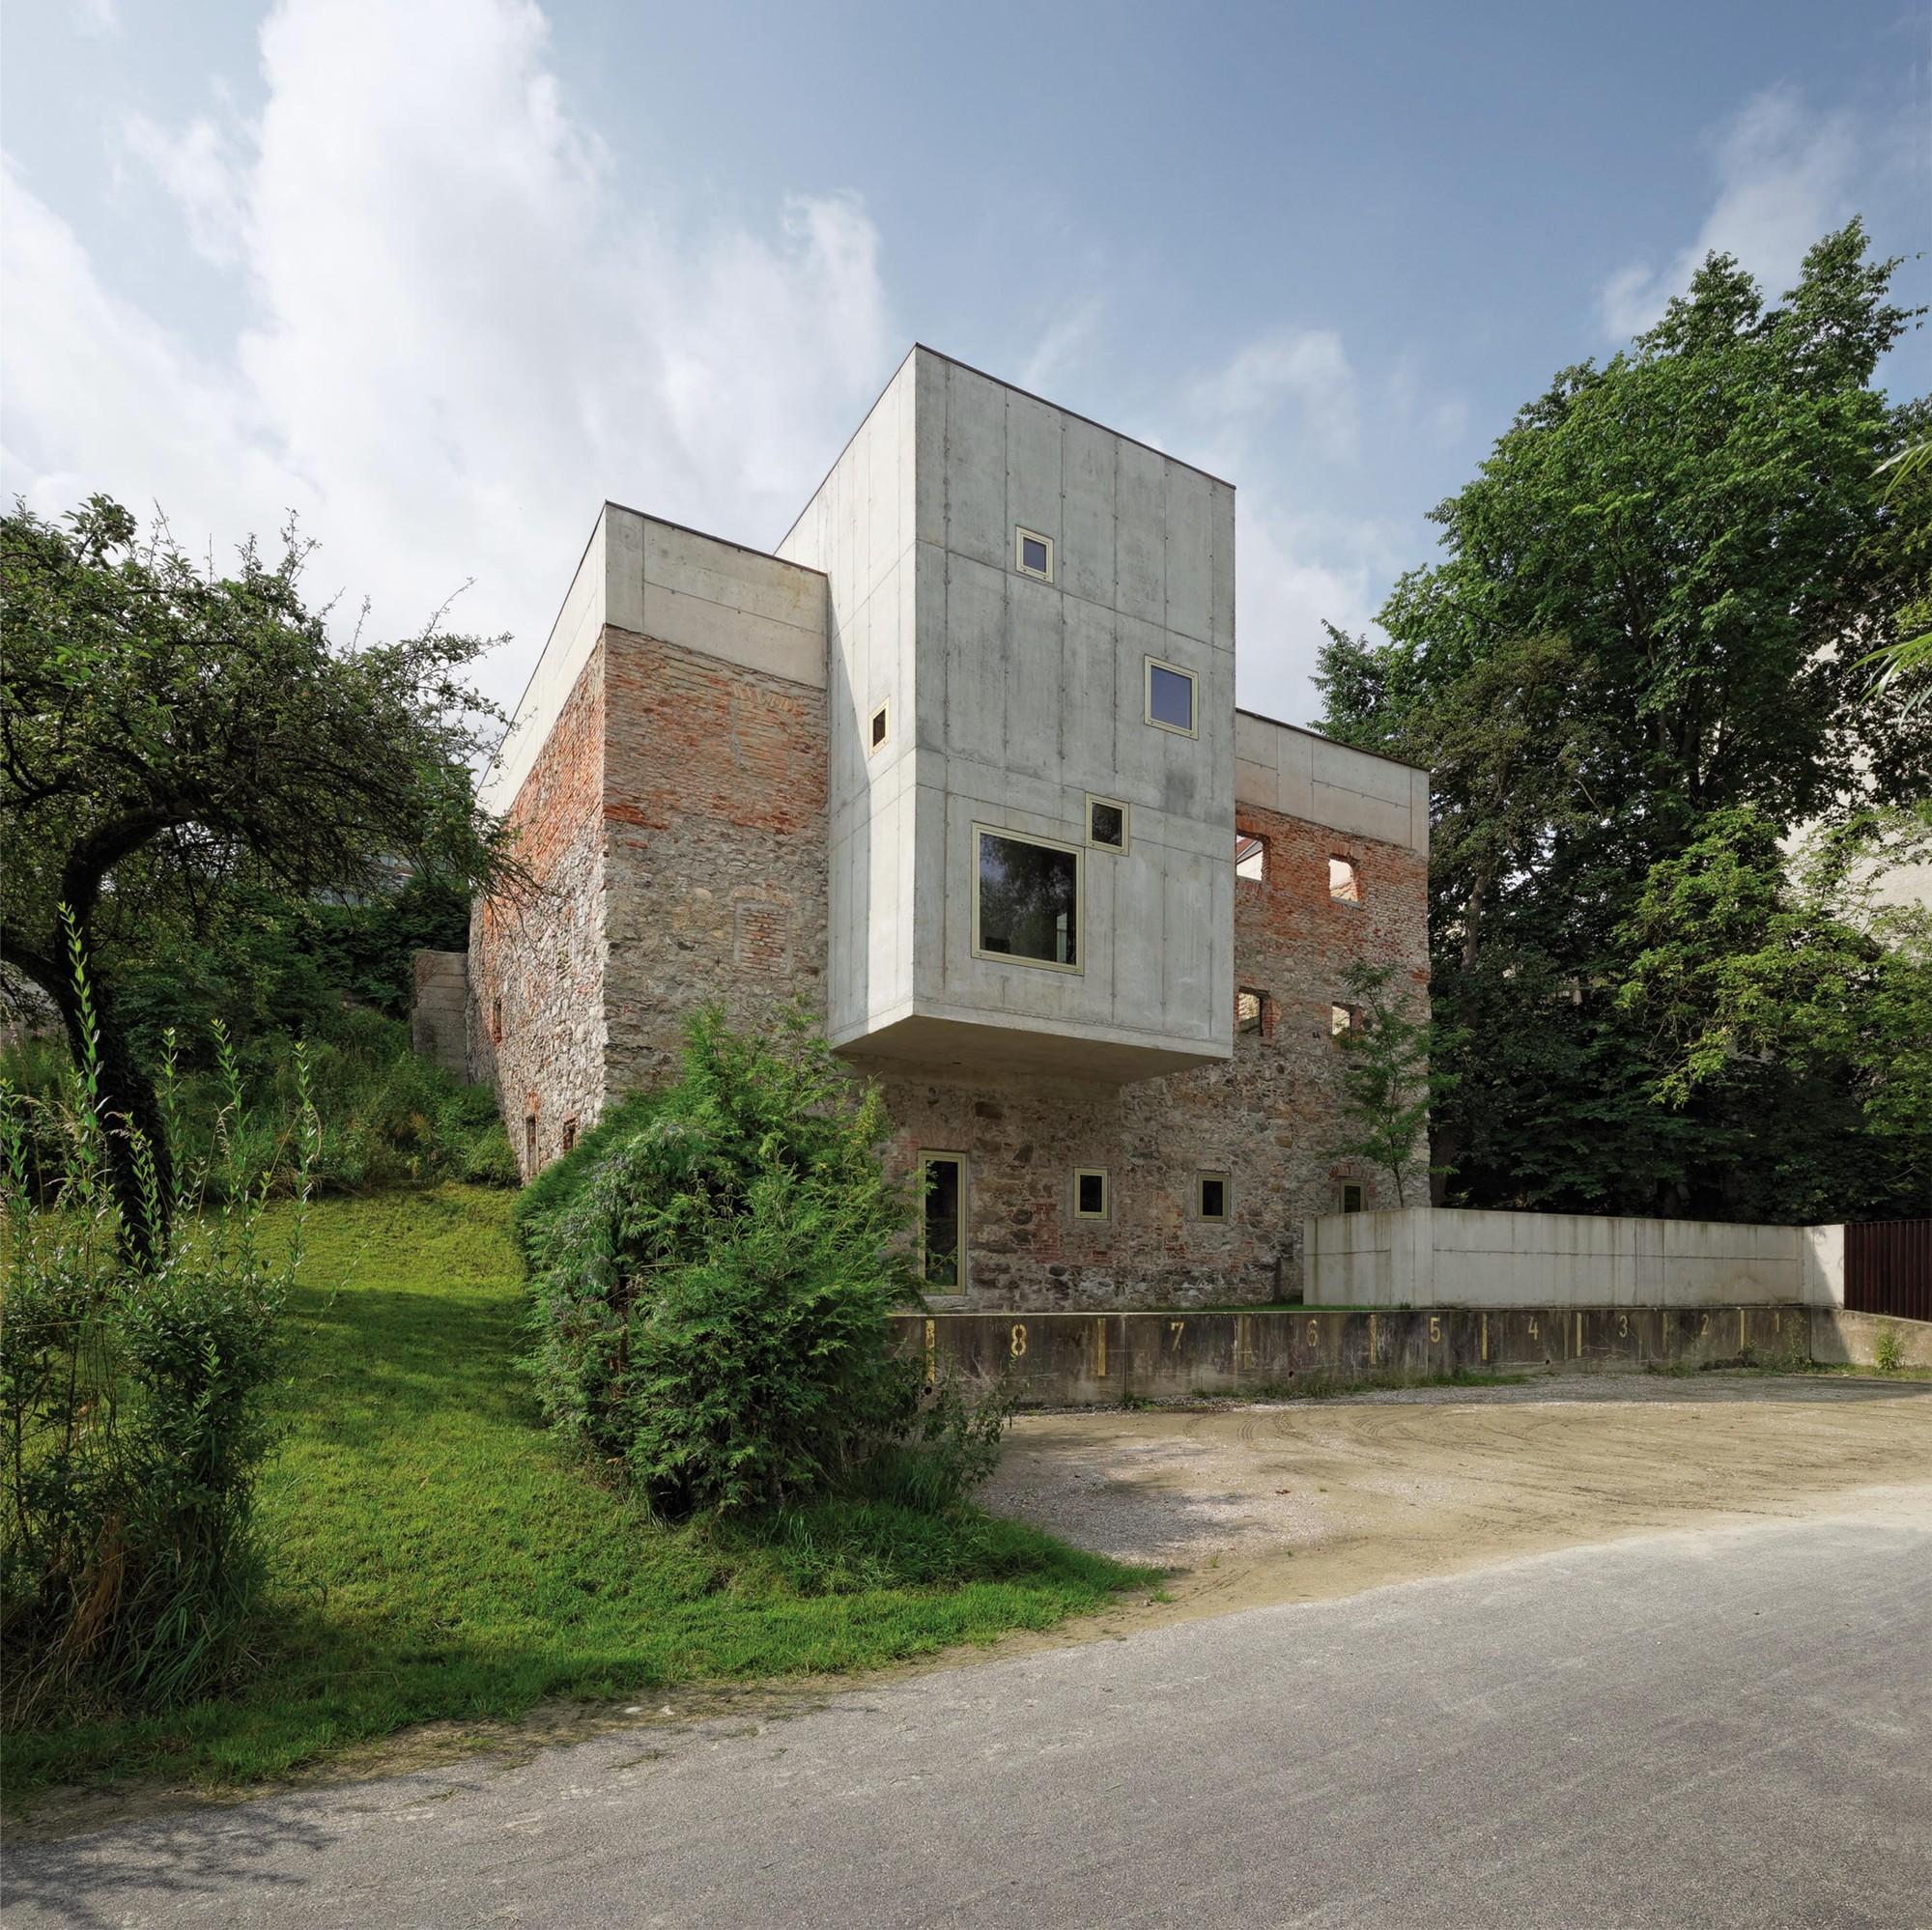 Garden House Refugium Laboratorium Klausur / Hertl Architekten, © Walter Ebenhofer